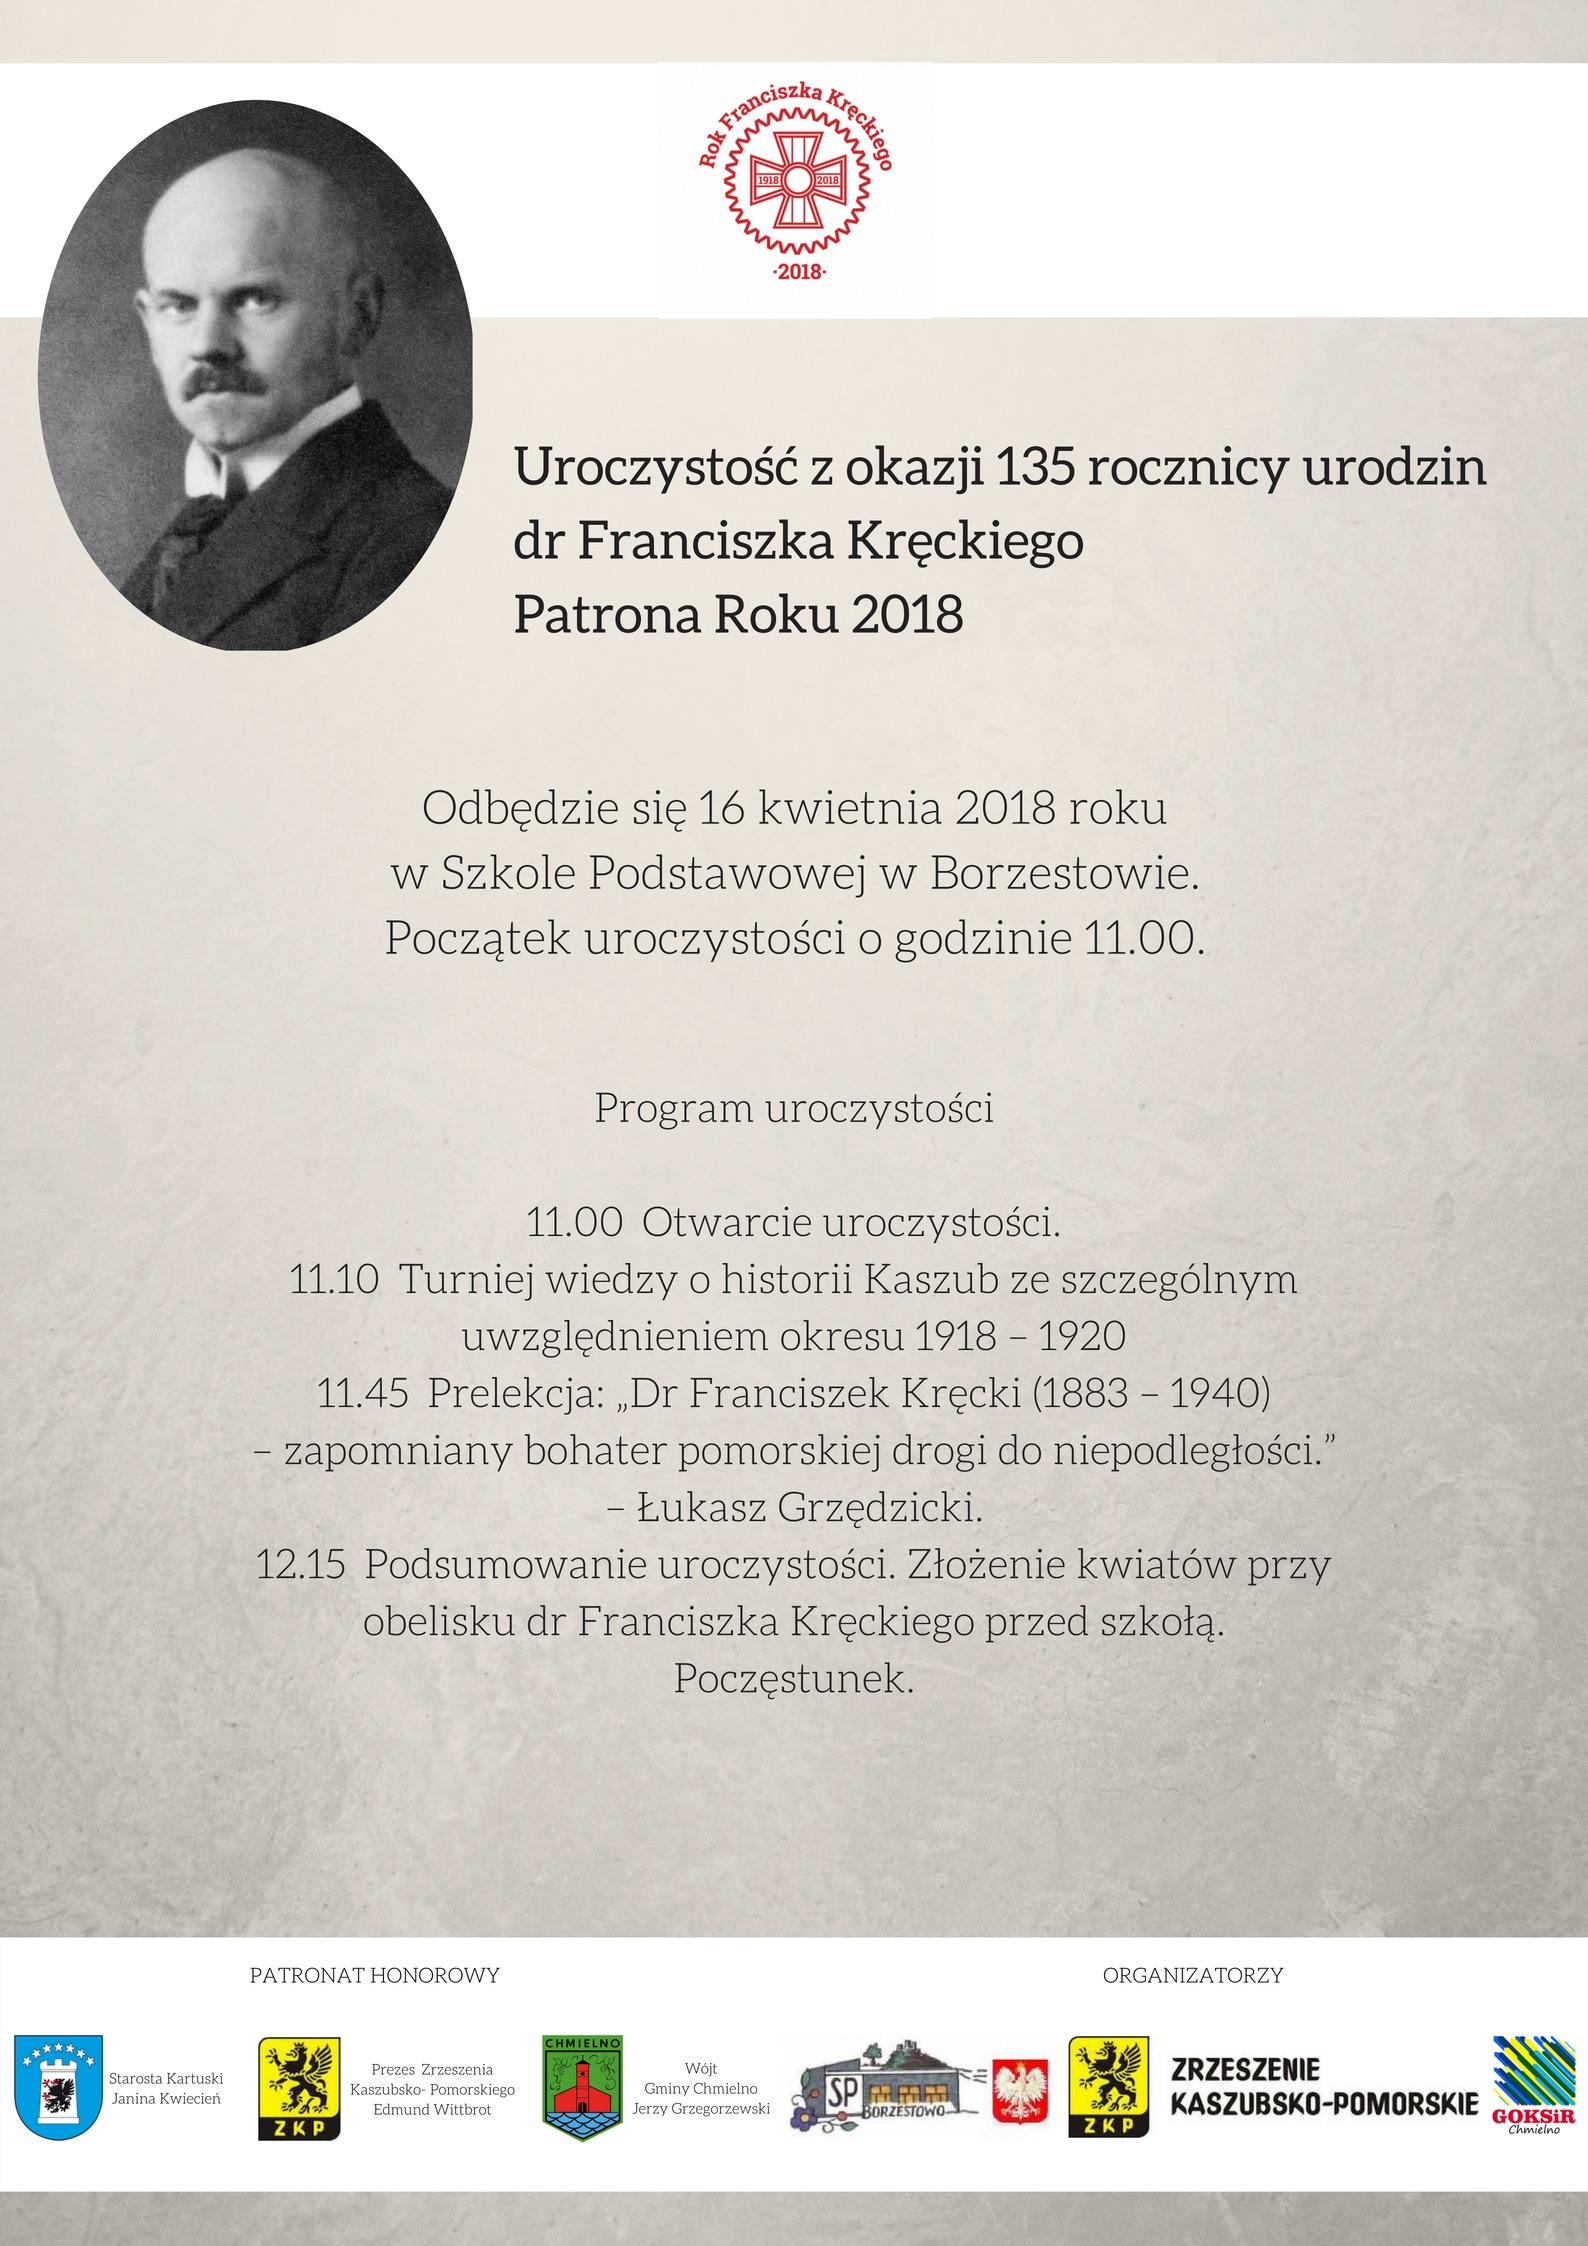 Obchody Roku Franciszka Kręckiego